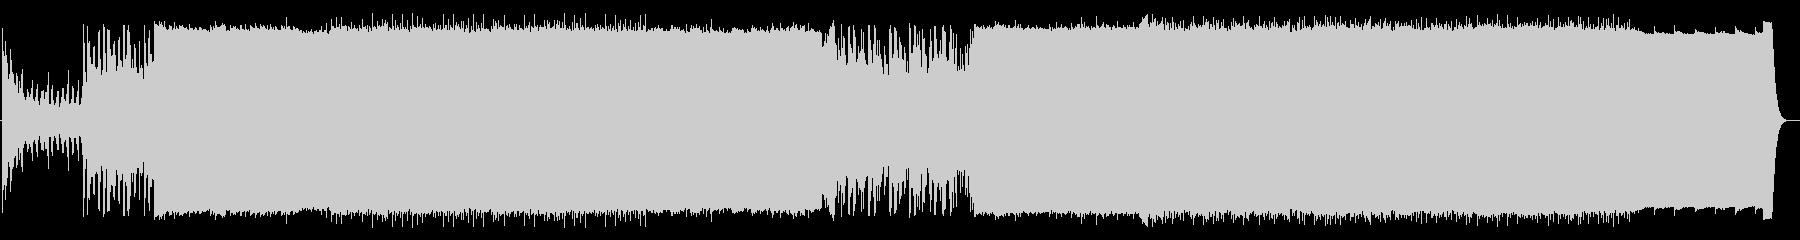 ドローン動画に最適な壮大な曲の未再生の波形